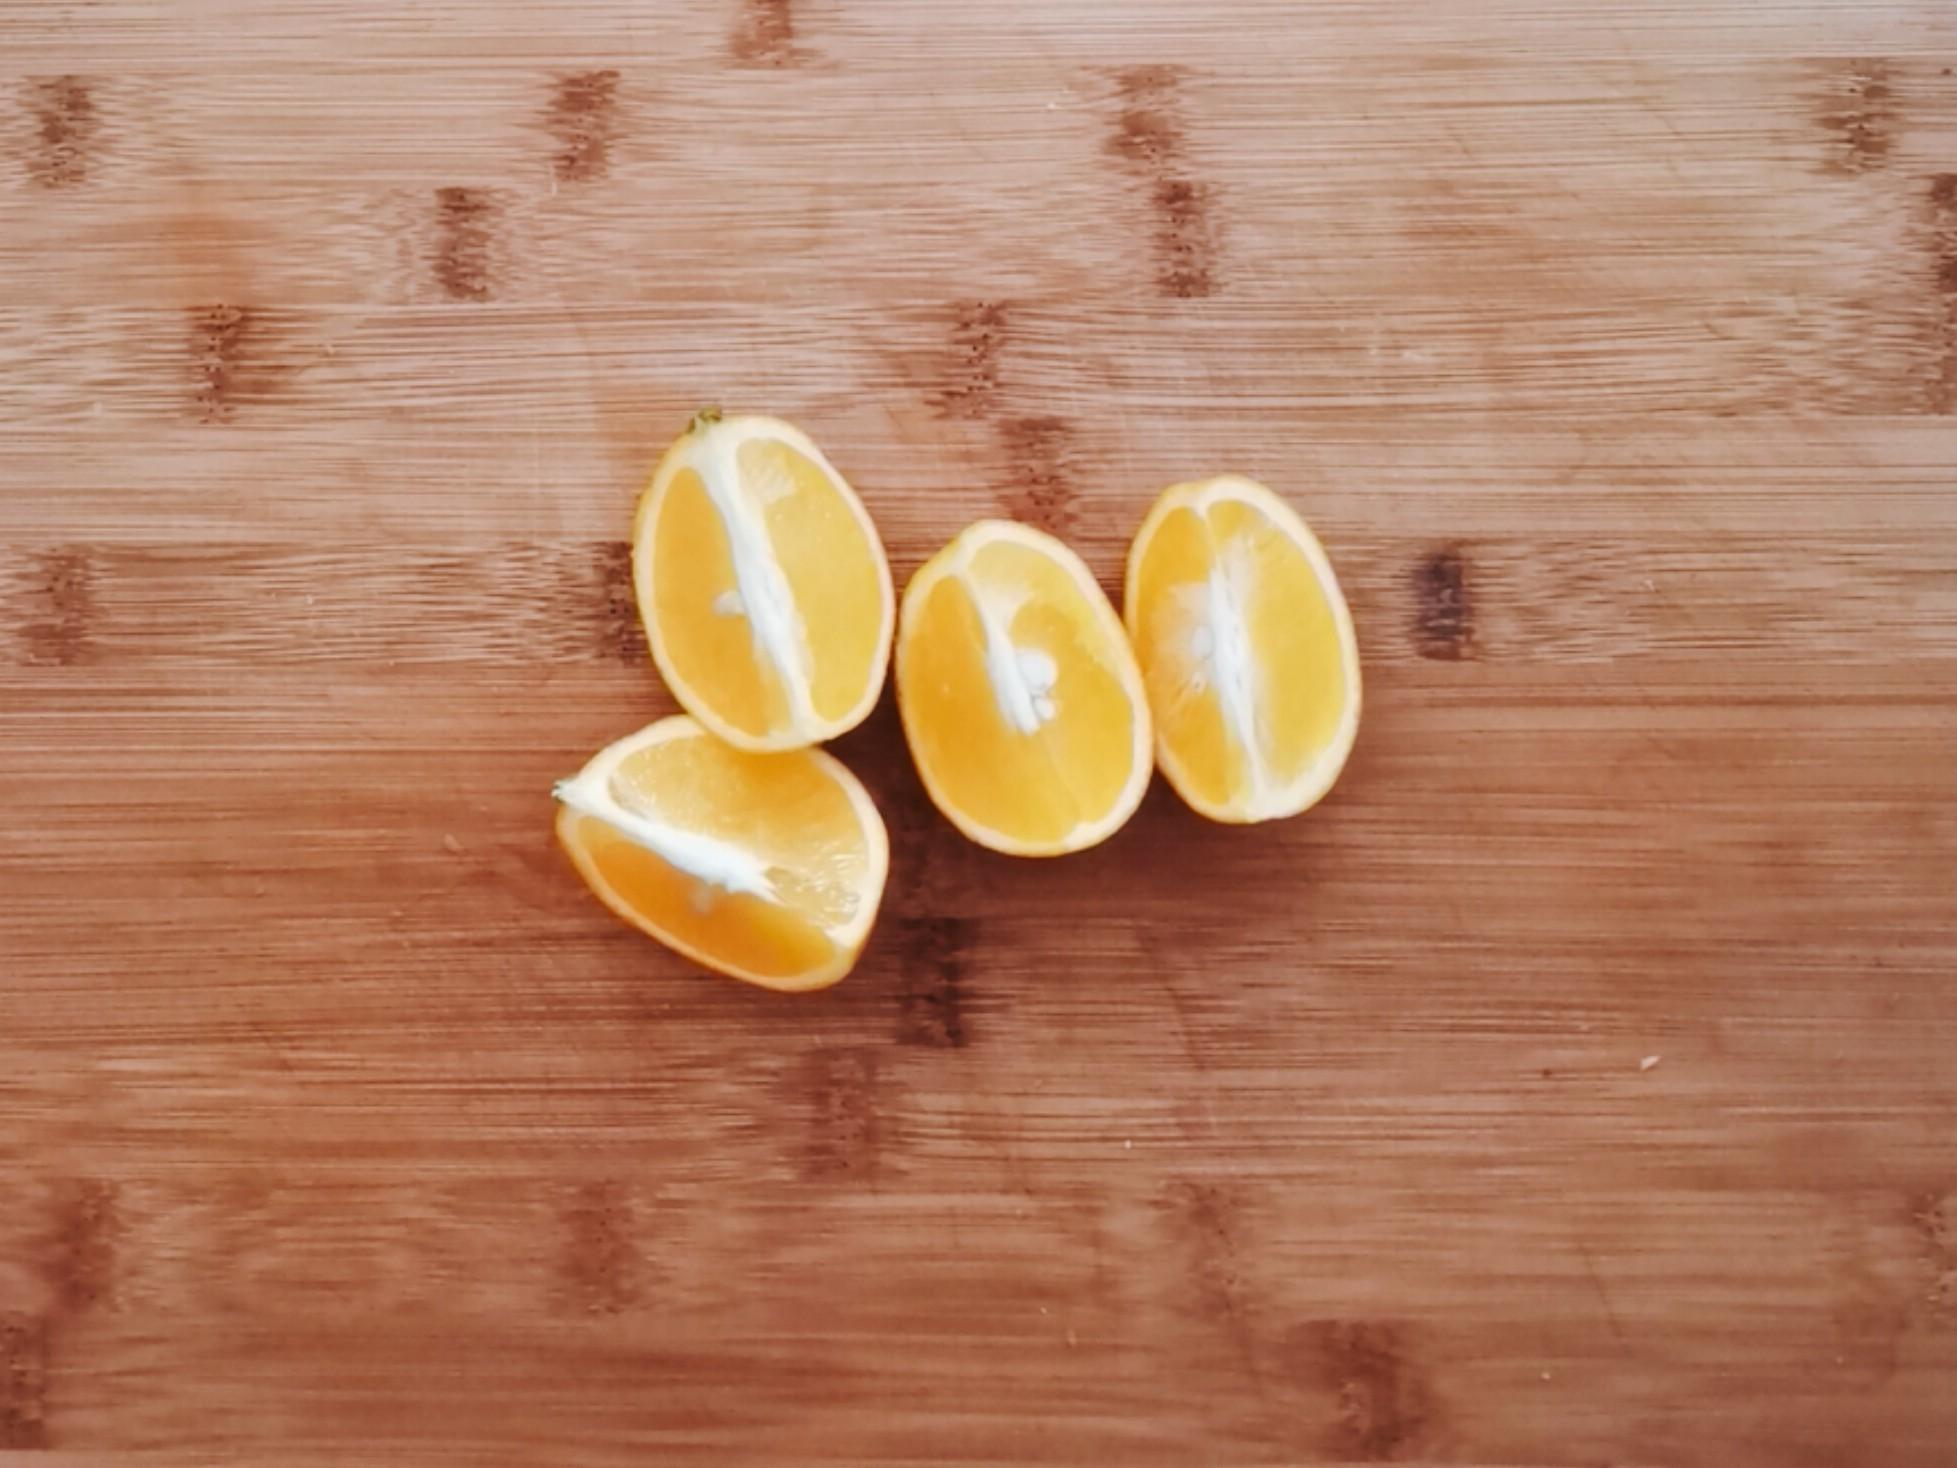 做法简单的好喝果汁,补充满满维生素的步骤